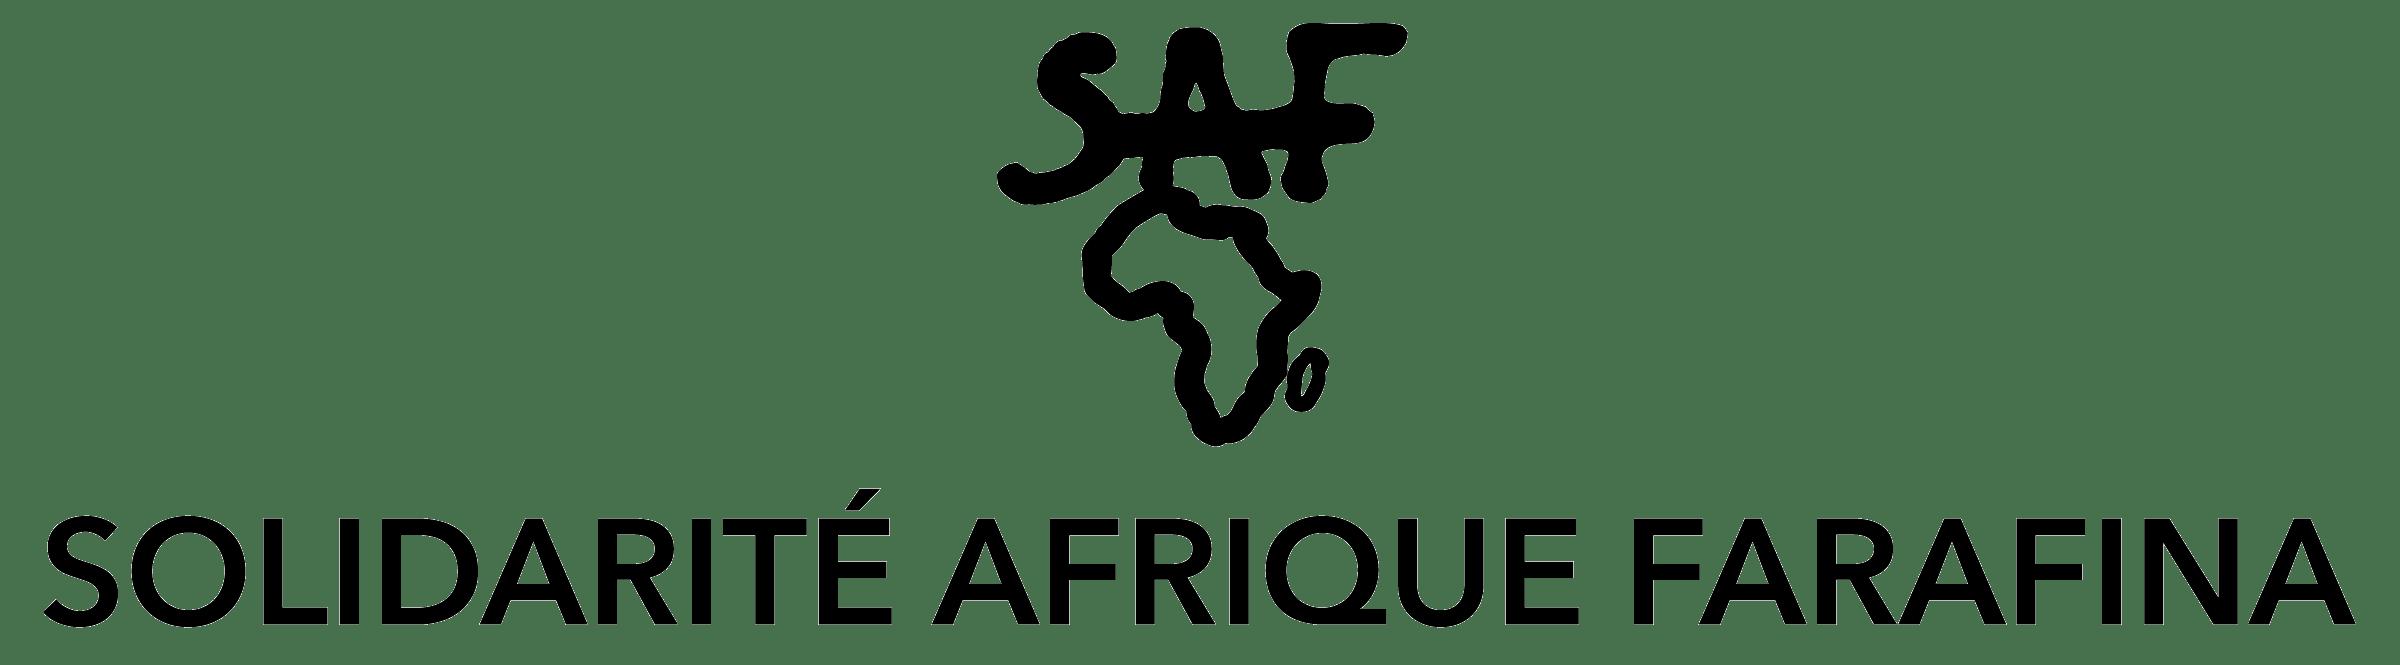 Solidarité Afrique Farafina